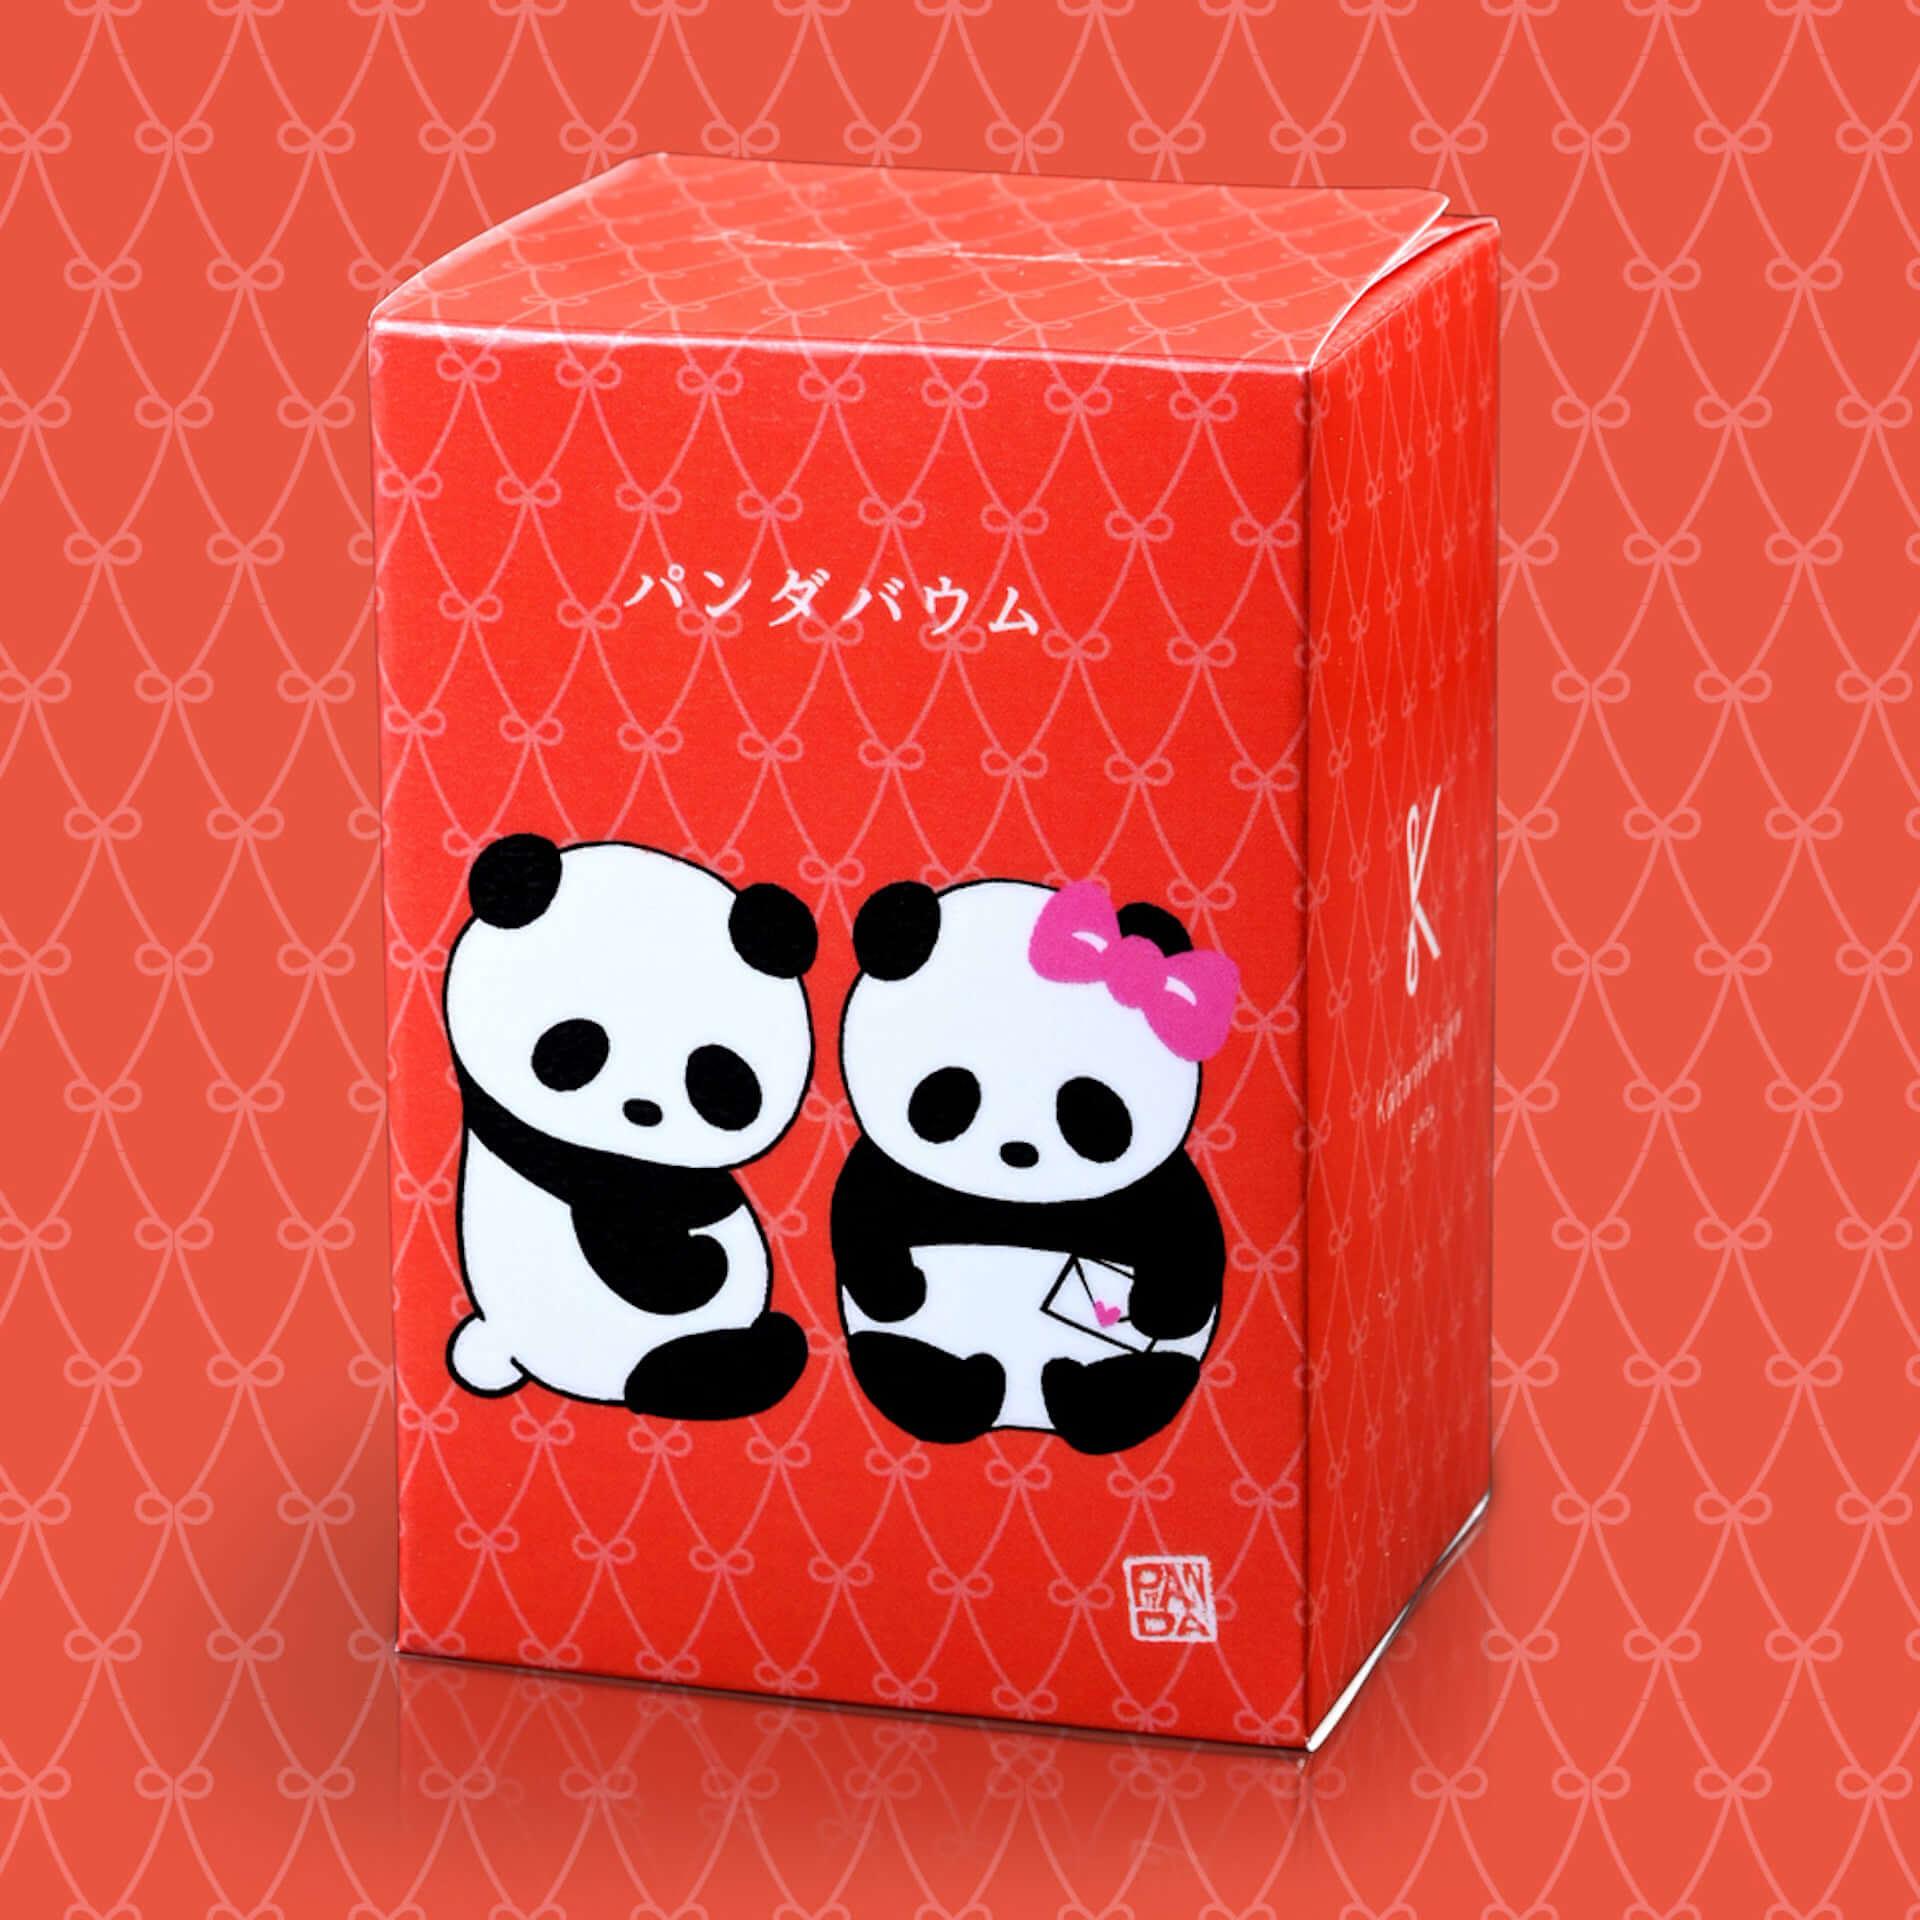 型ぬきができるバウムクーヘン『パンダバウム』にバレンタイン限定デザインが登場!ガトーショコラやココアバウムなど全3種が発売 gourmet210121_katanuki-ya_3-1920x1920